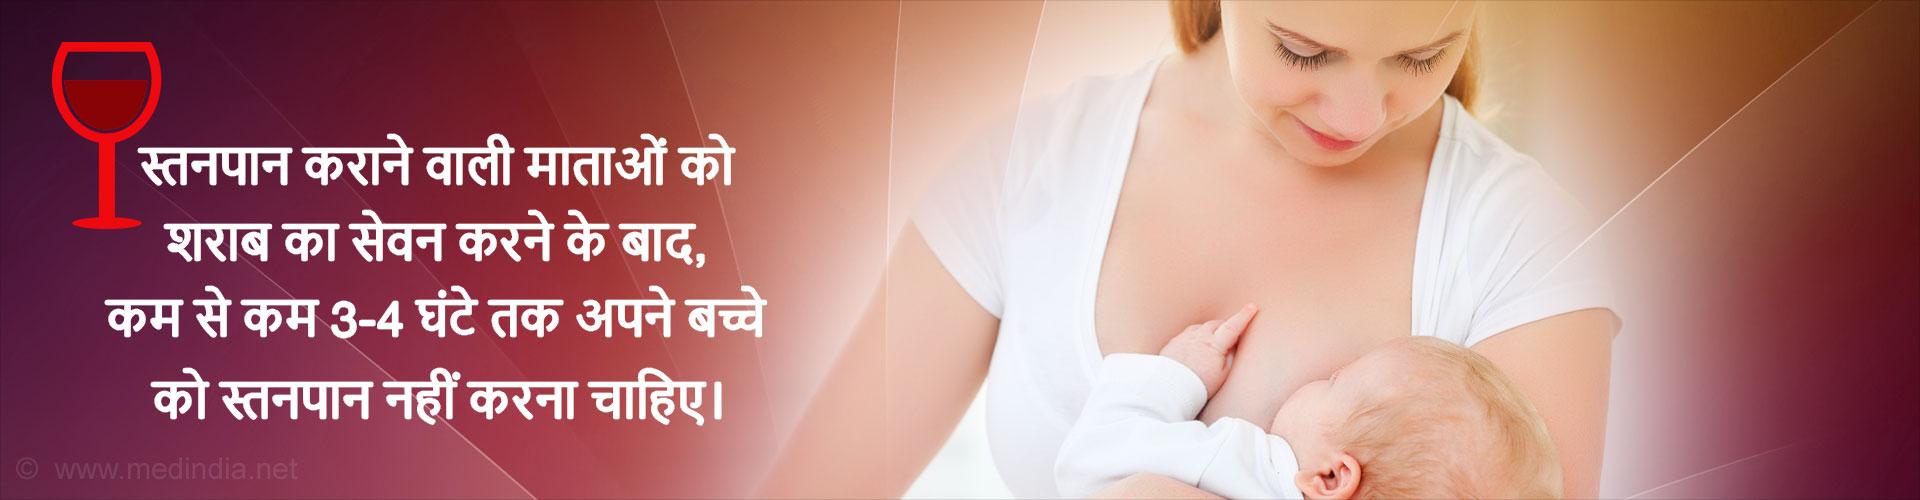 स्तनपान कराने वाली माताओं को शराब का सेवन करने के बाद, कम से कम 3-4 घंटे तक अपने बच्चे को स्तनपान नहीं करना चाहिए।